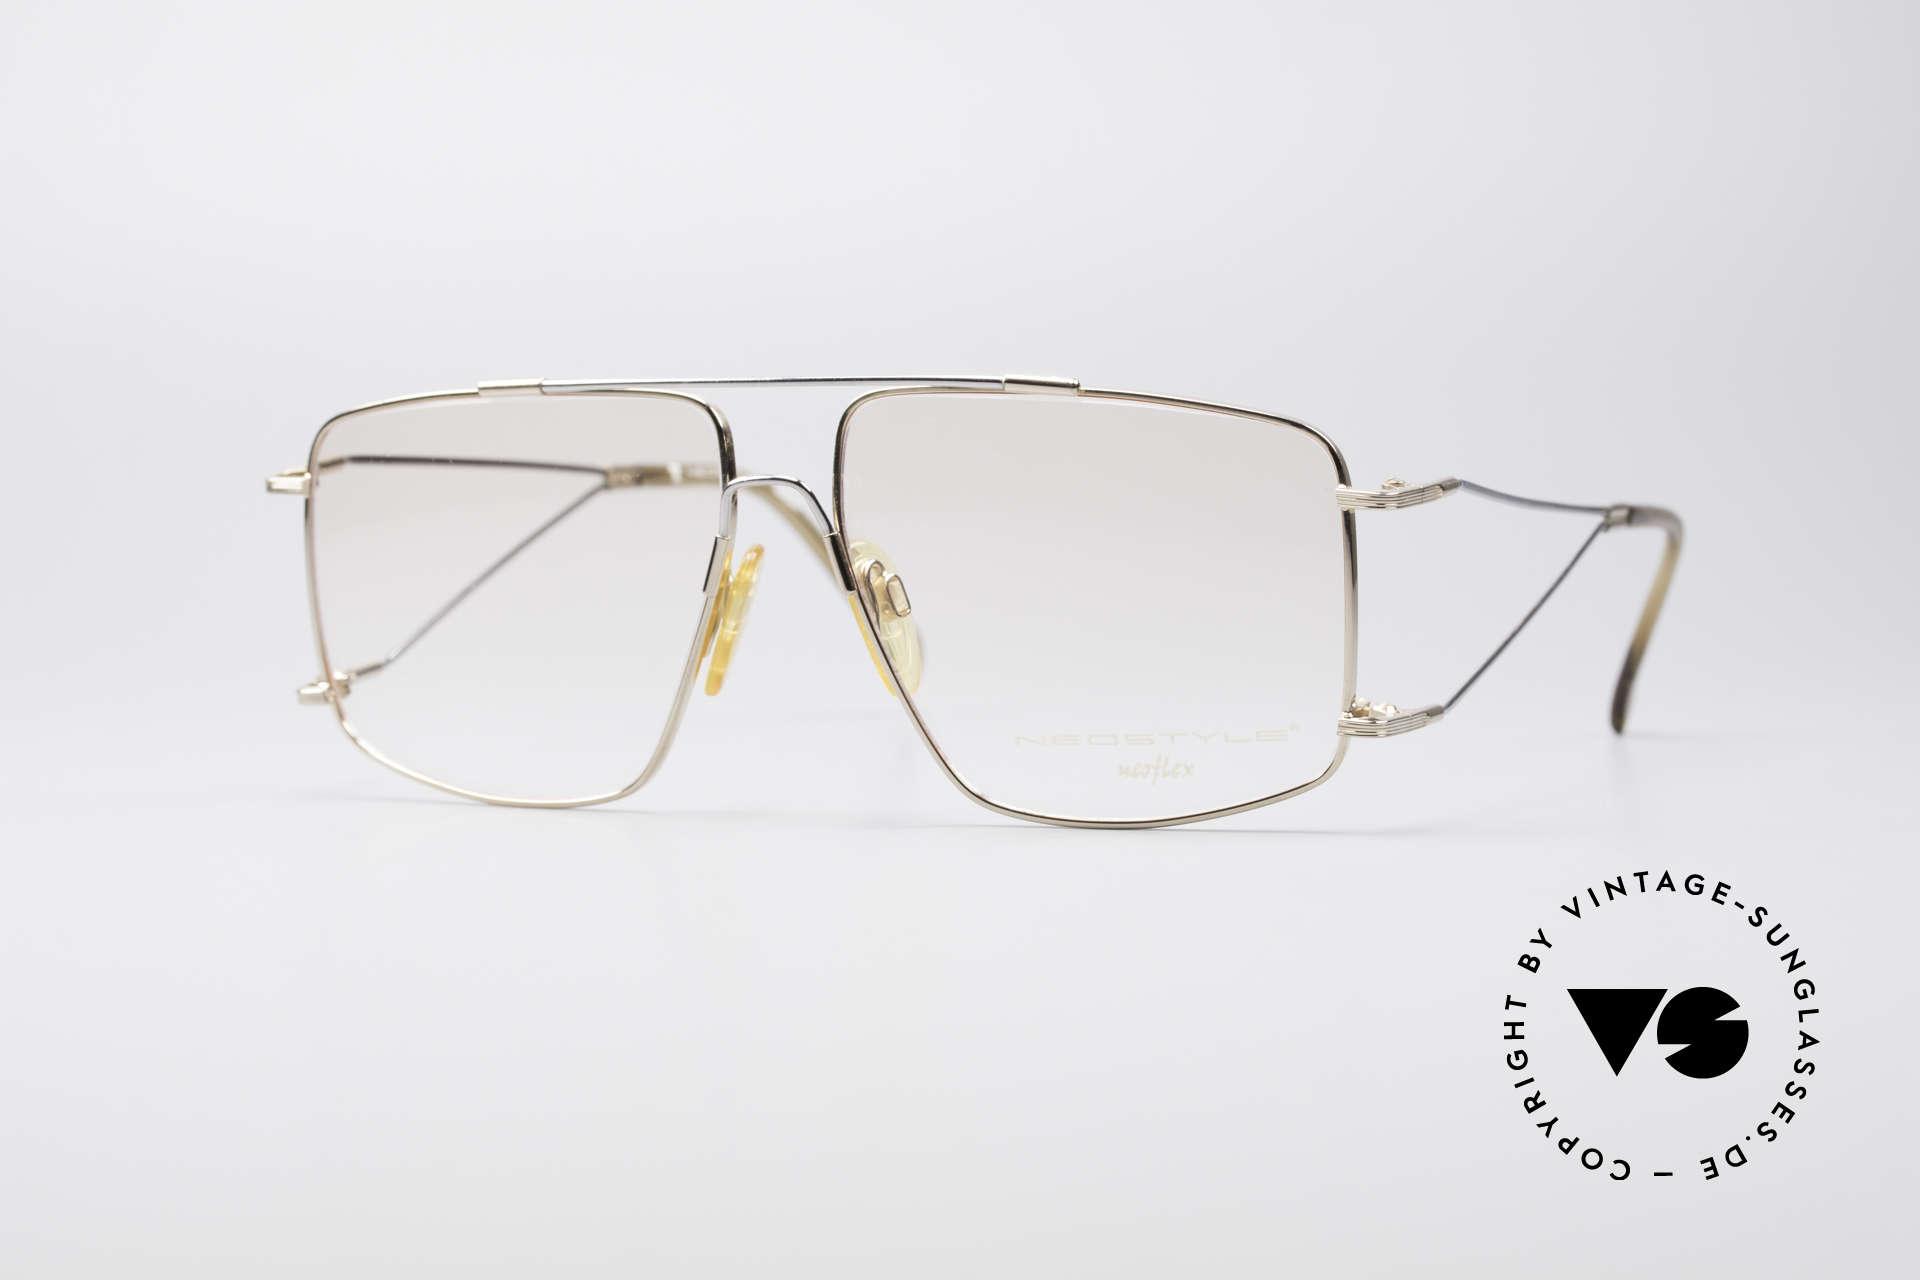 Neostyle Jet 40 Titanflex Vintage Brille, sensationelle vintage NEOflex Brille von NEOSTYLE, Passend für Herren